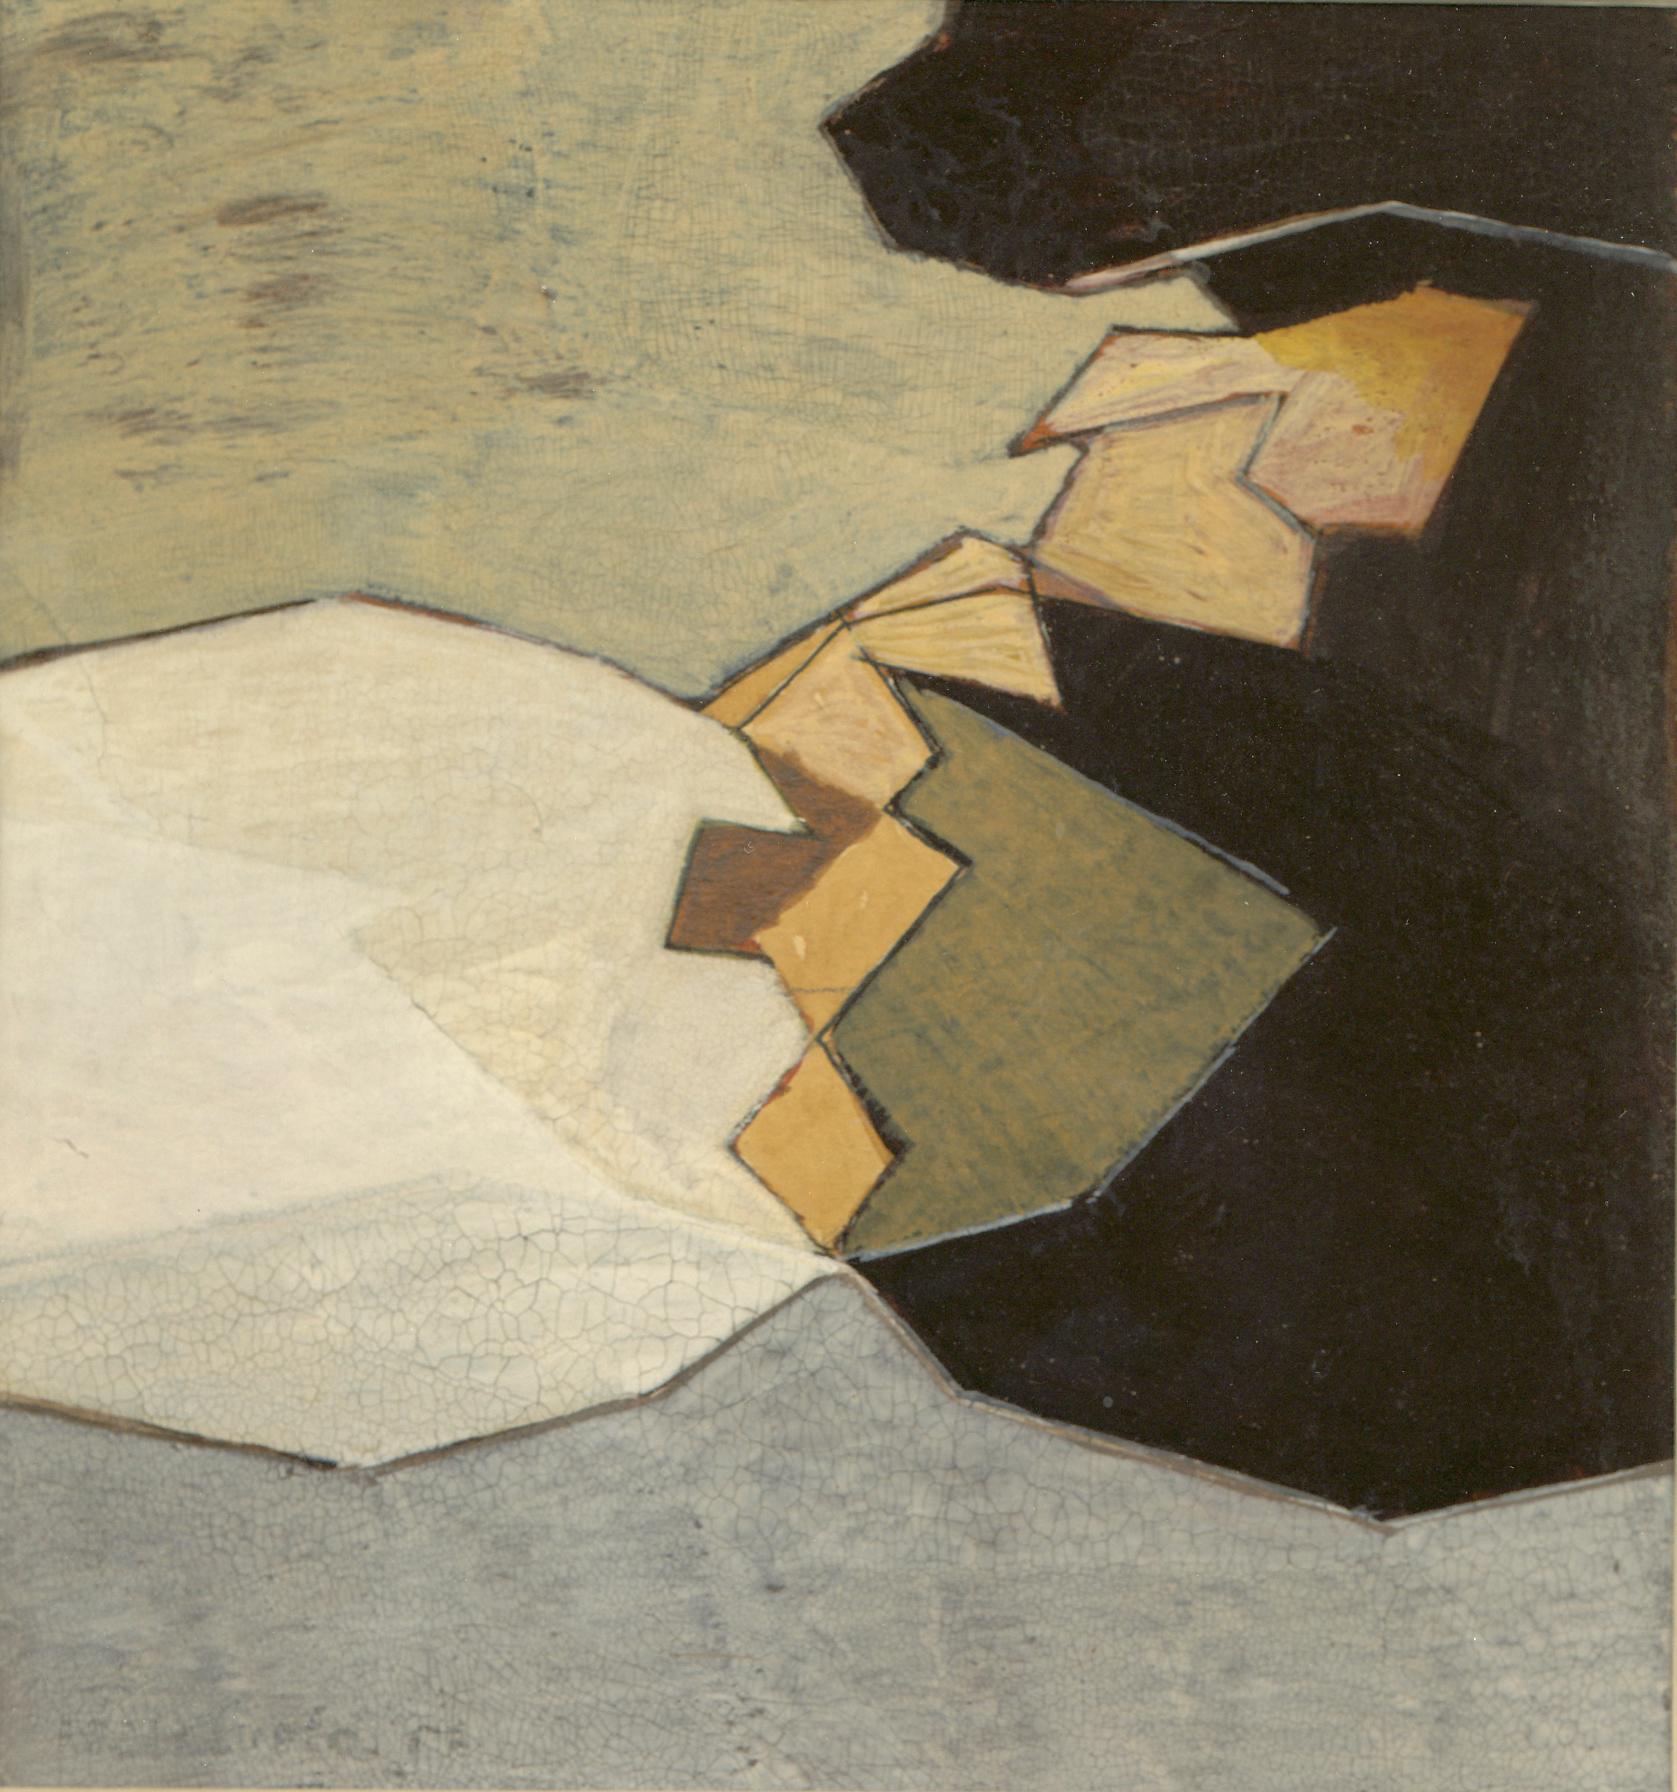 """Acuarela """"Sin título"""" de Pablo Palazuelo. Acuarela sobre papel. 1957"""